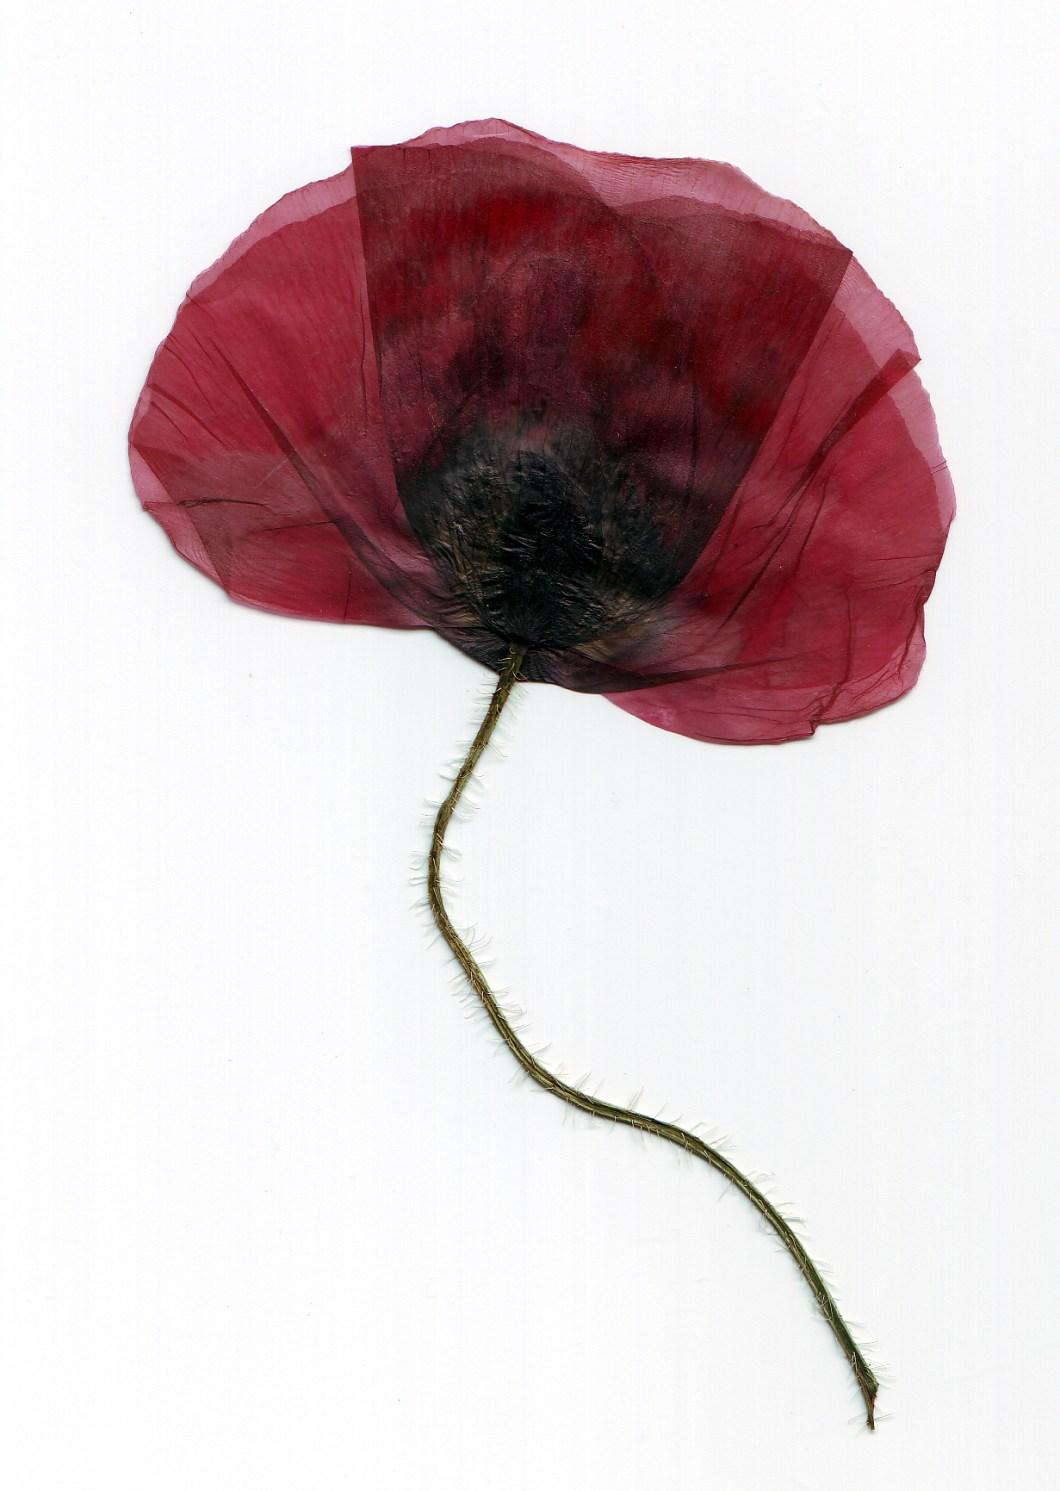 Foto gratis de una flor roja seca por el paso del tiempo